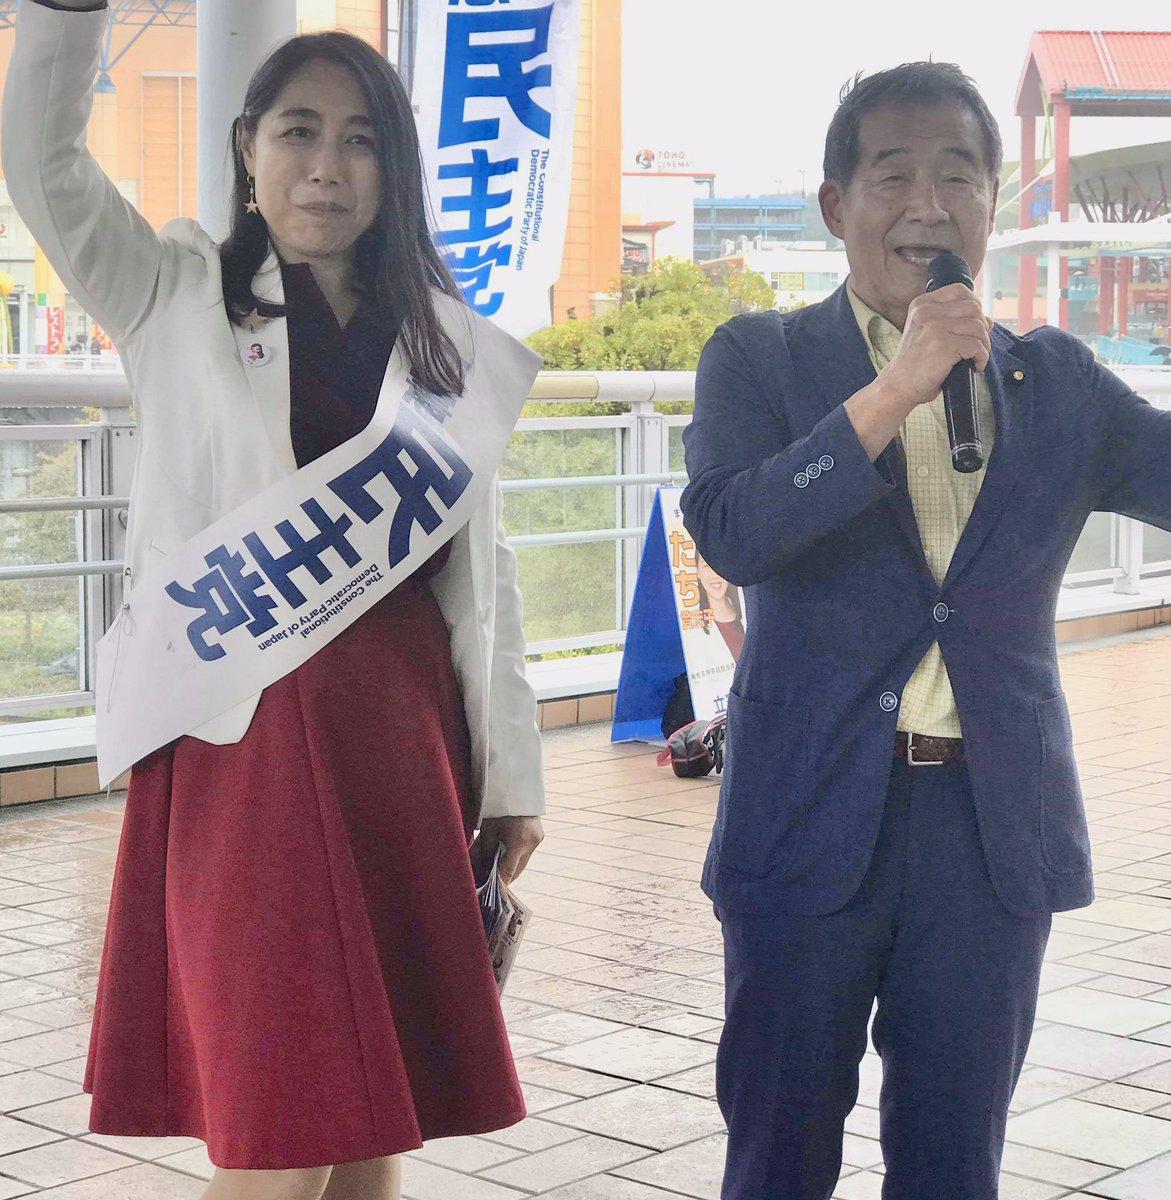 連休最終日の午後は海老名市へ。 市議選に挑戦する2人の激励に。 #たち登志子 さんは駅前デッキで街頭活動。 #黒田ミホ さんは事務所開き。 どちらも多勢の仲間の議員達が応援に駆けつける。 2人共に新人、海老名の皆さん2人を知ってください。 #海老名市議選 #立憲民主党